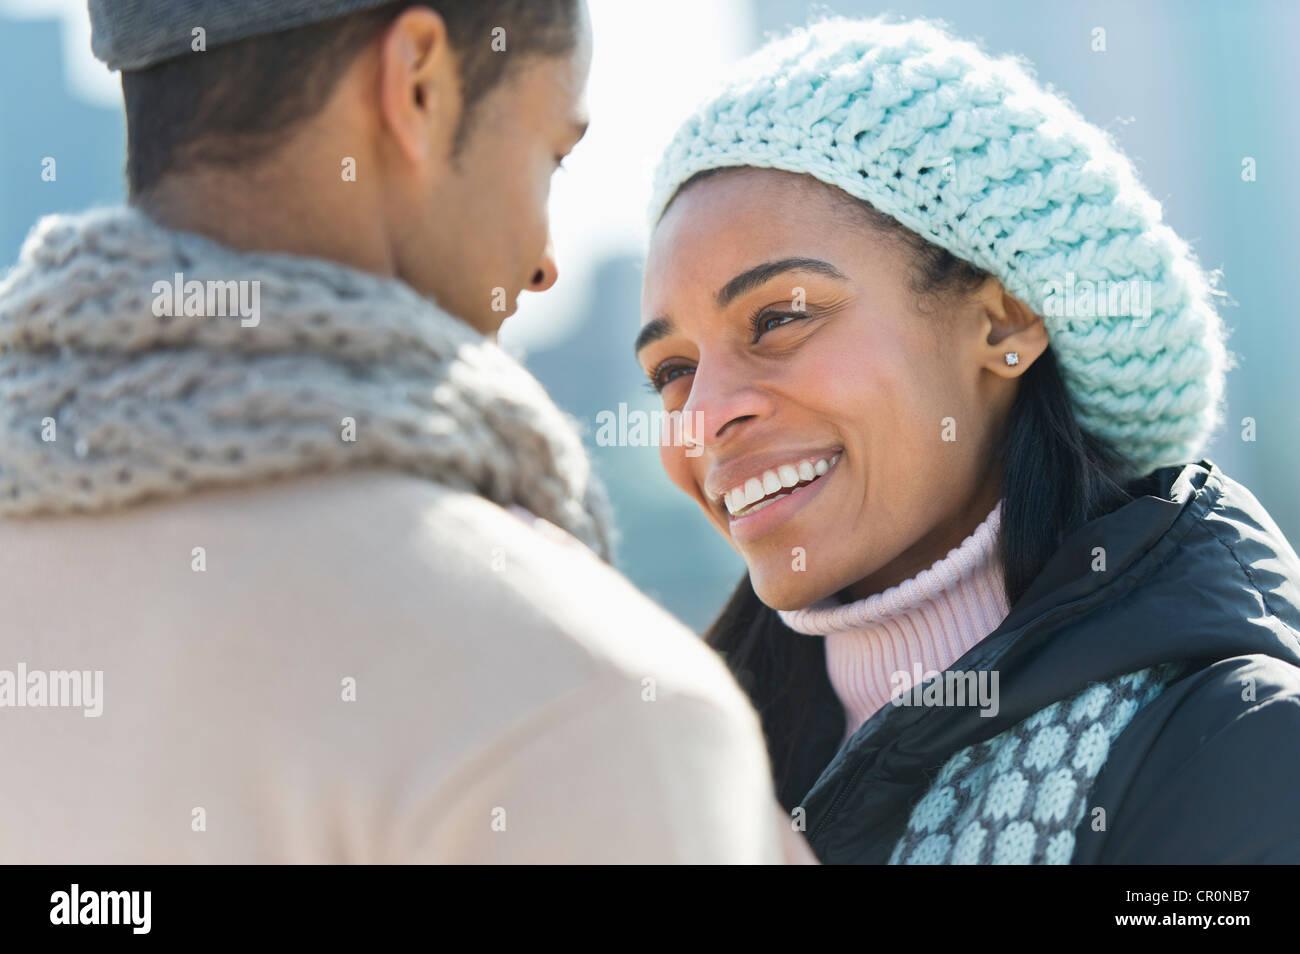 rencontres Interracial dans le New Jerseysentiments après un branchement